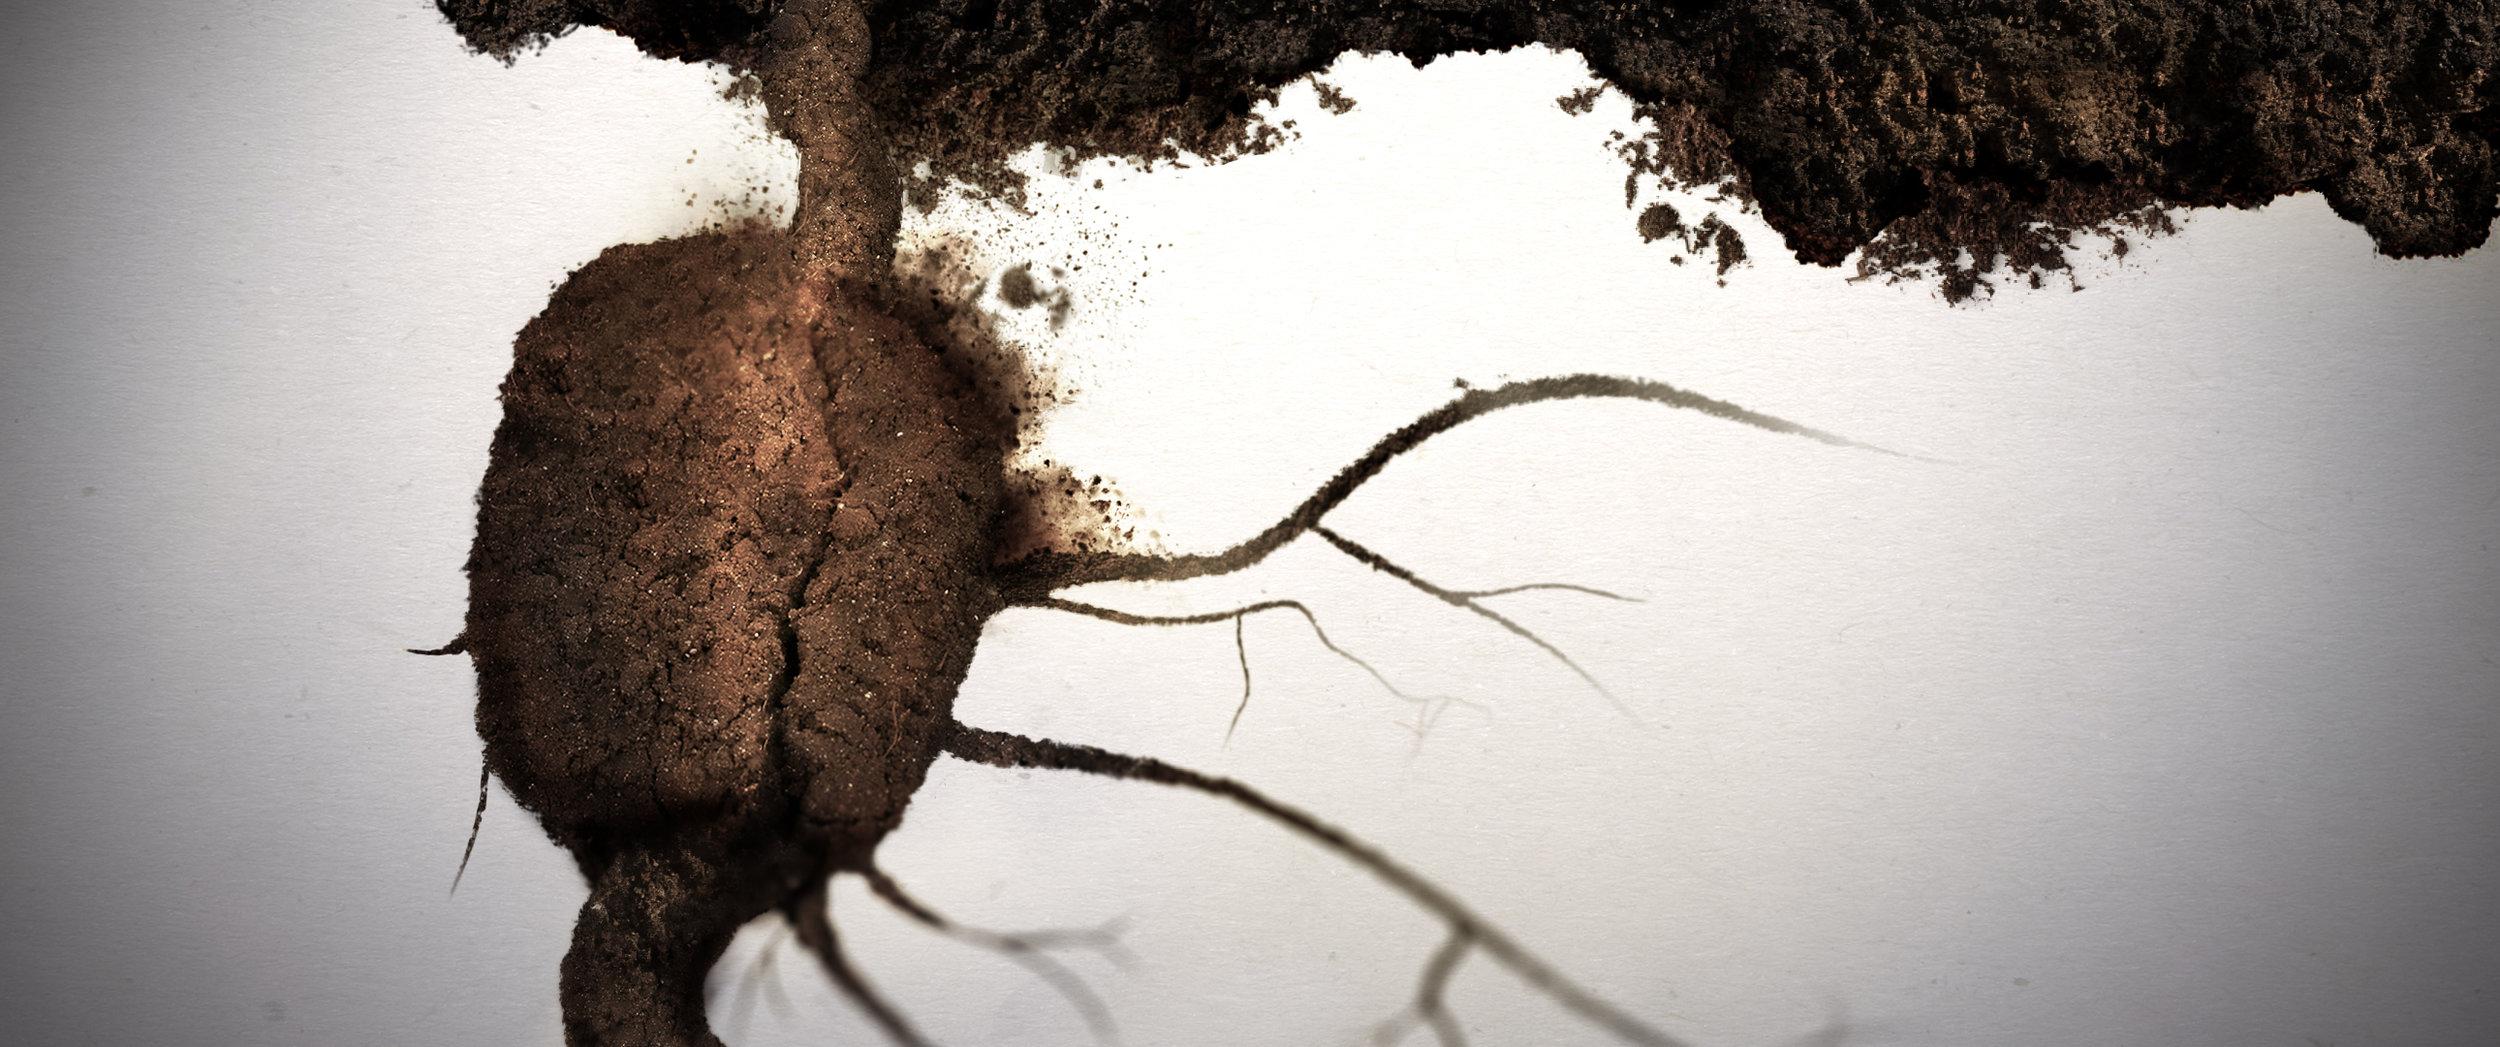 Bayer  |  Dirt Rich  | CD / Director